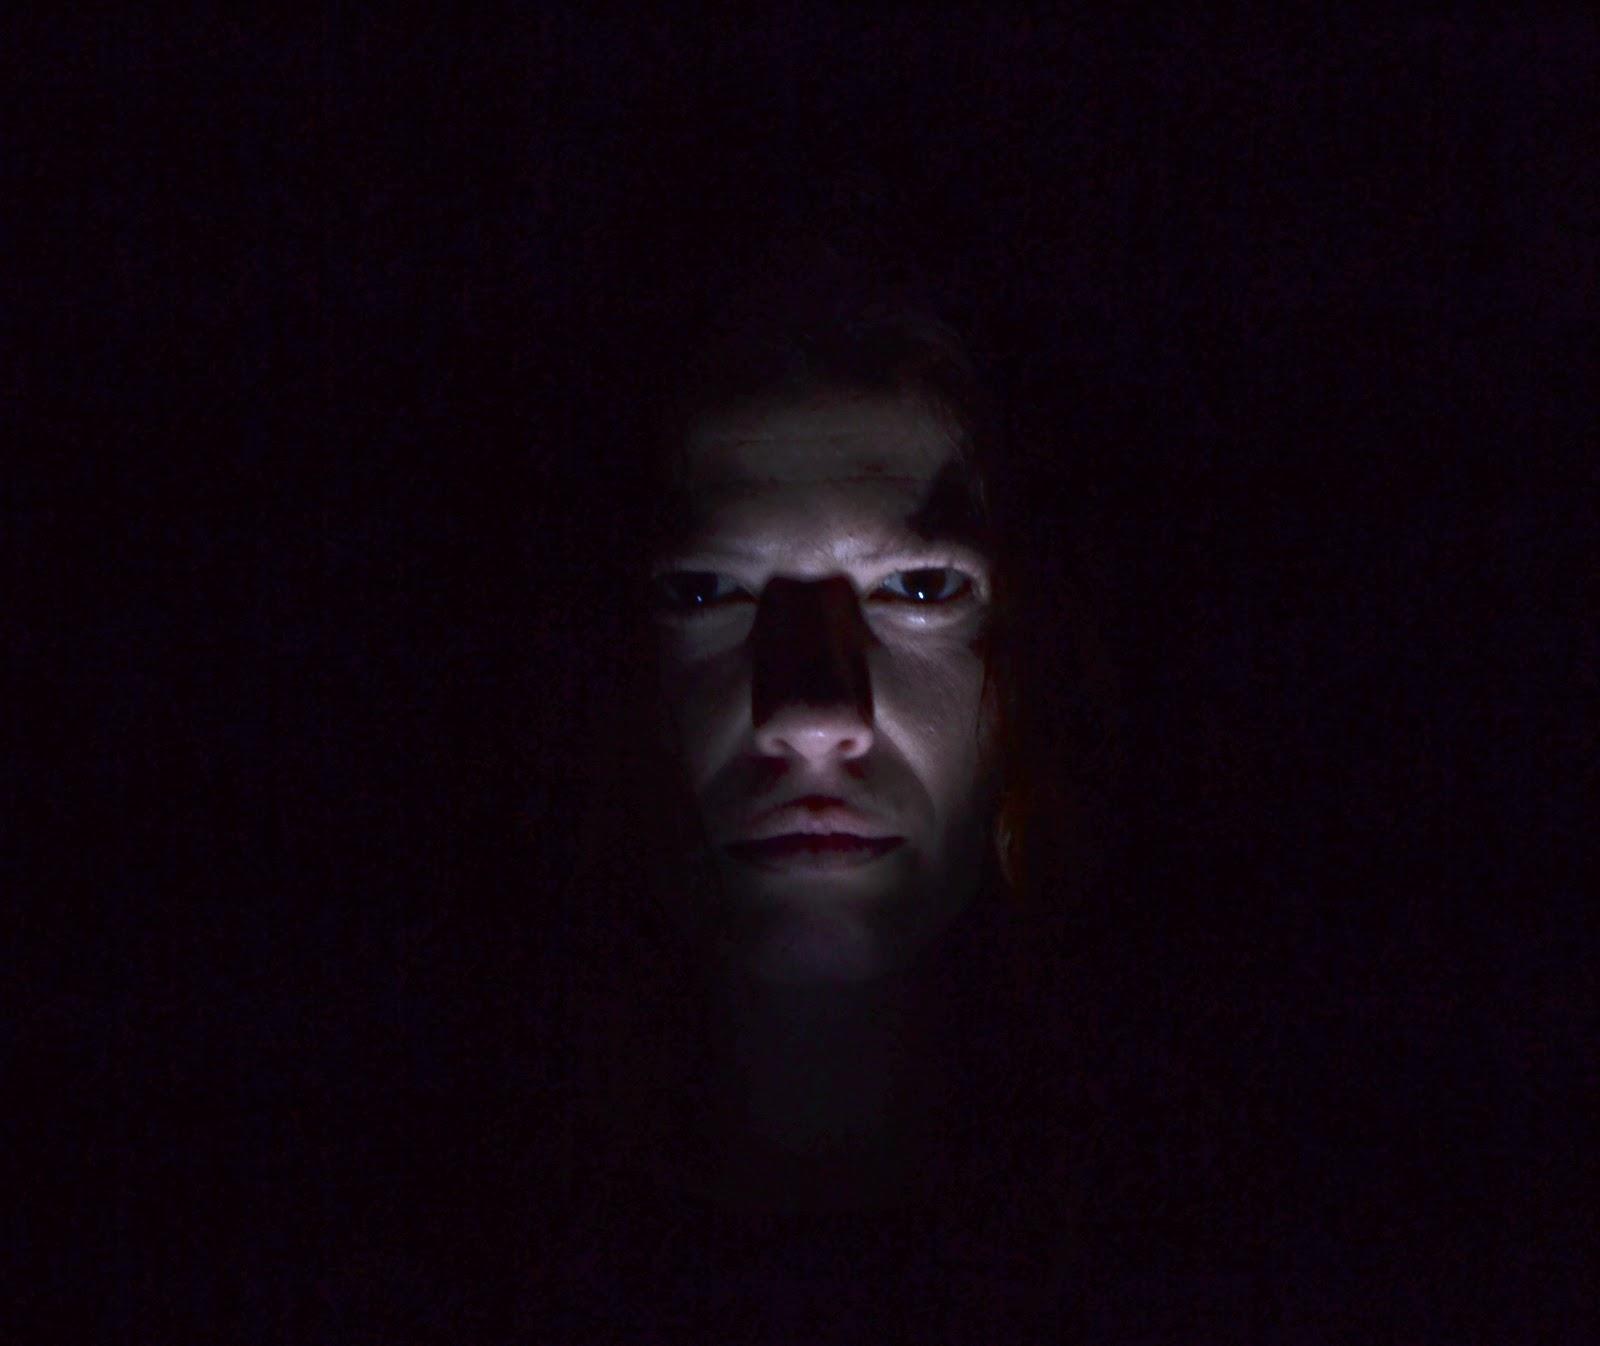 Cráneo Prisma: cuarto oscuro